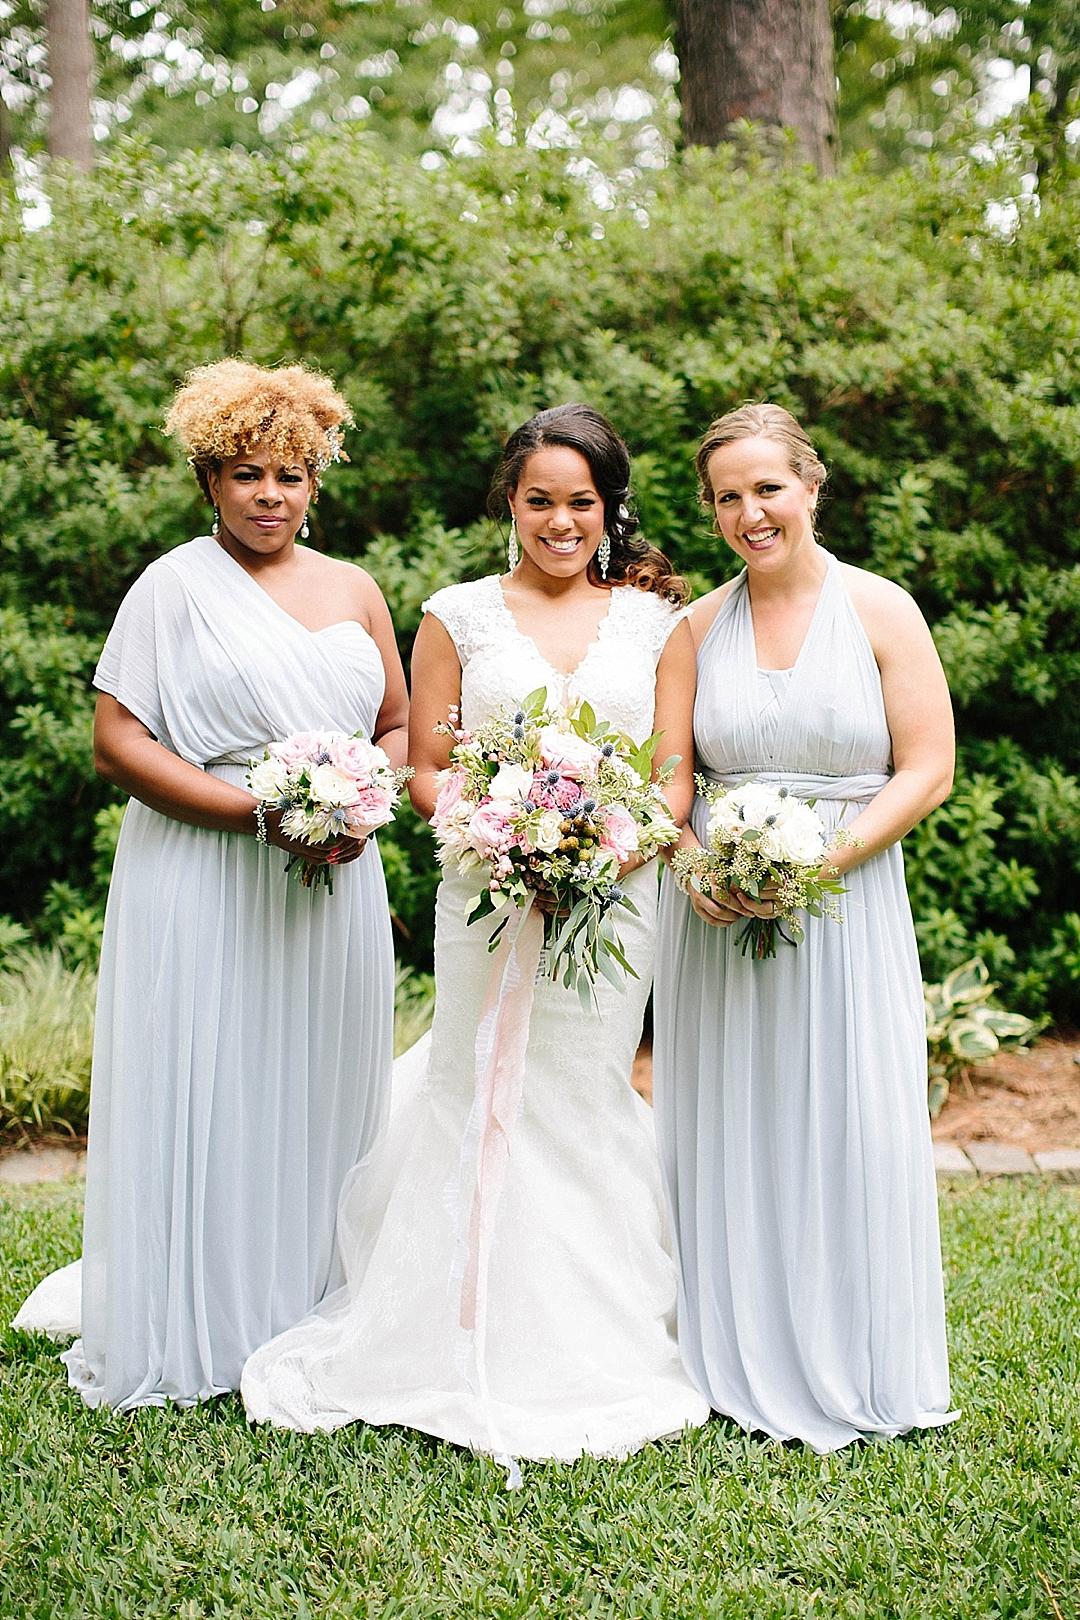 davids bridal for aisle society - bridesmaids